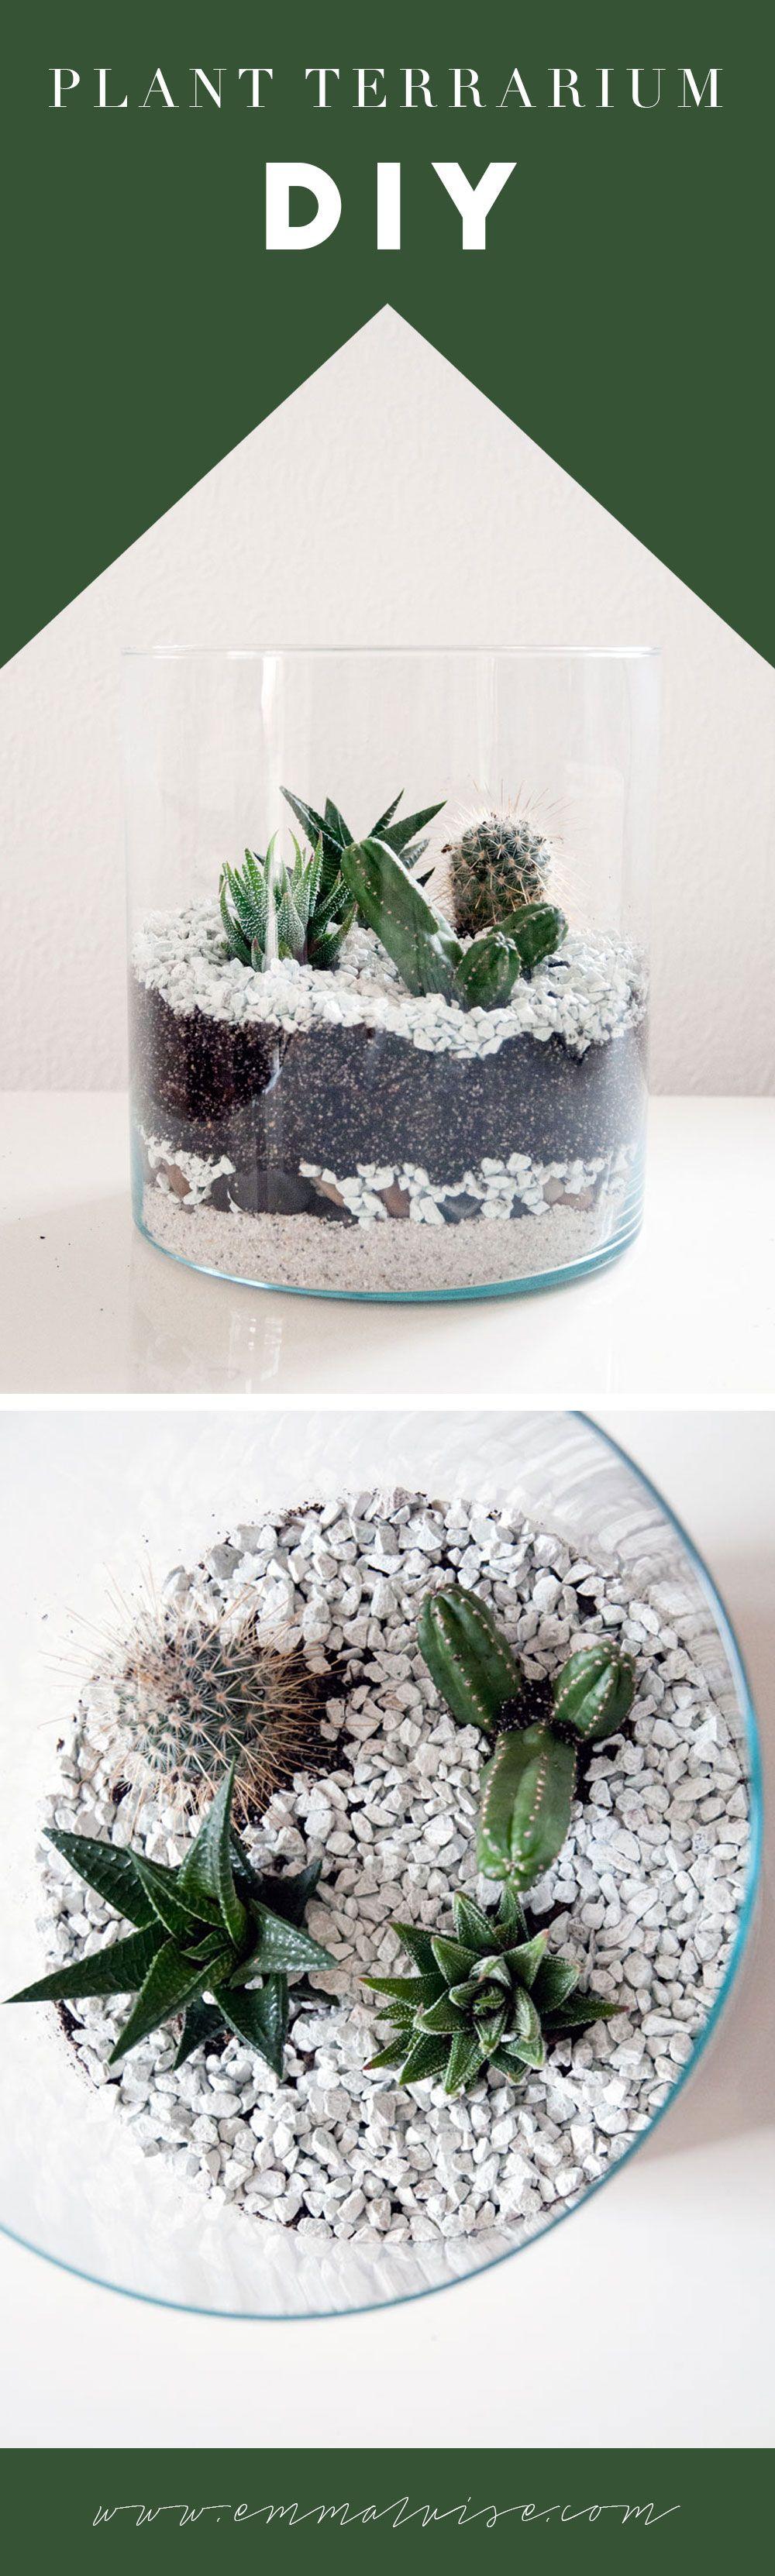 deko kaktus terrarium geschenke diy s usw pinterest deko garten und terrarium. Black Bedroom Furniture Sets. Home Design Ideas